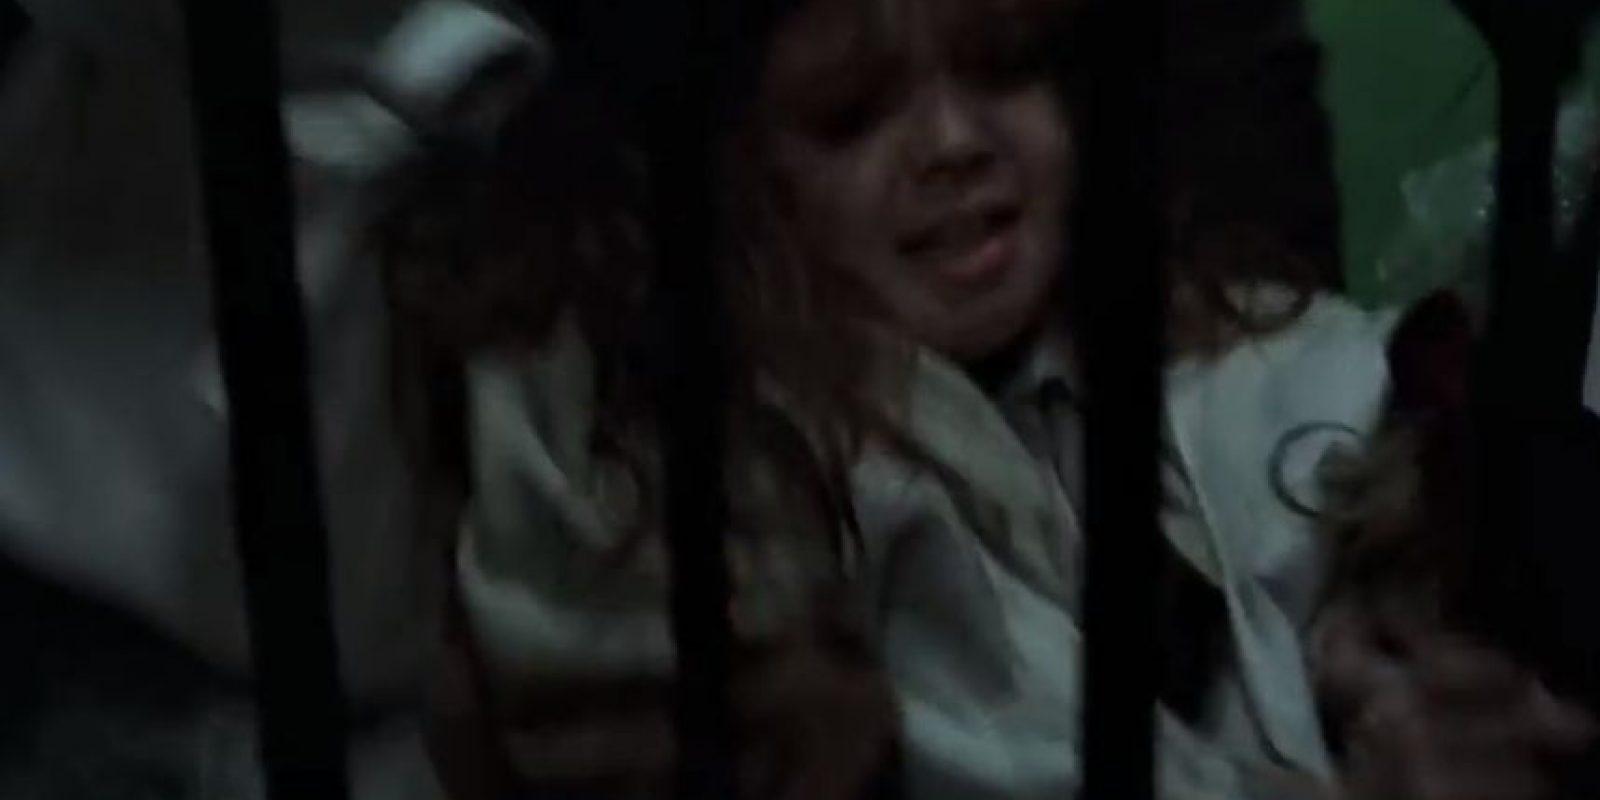 Cora, la niñita amiga de Jack, tuvo un horrible destino. Foto:Fox. Imagen Por: